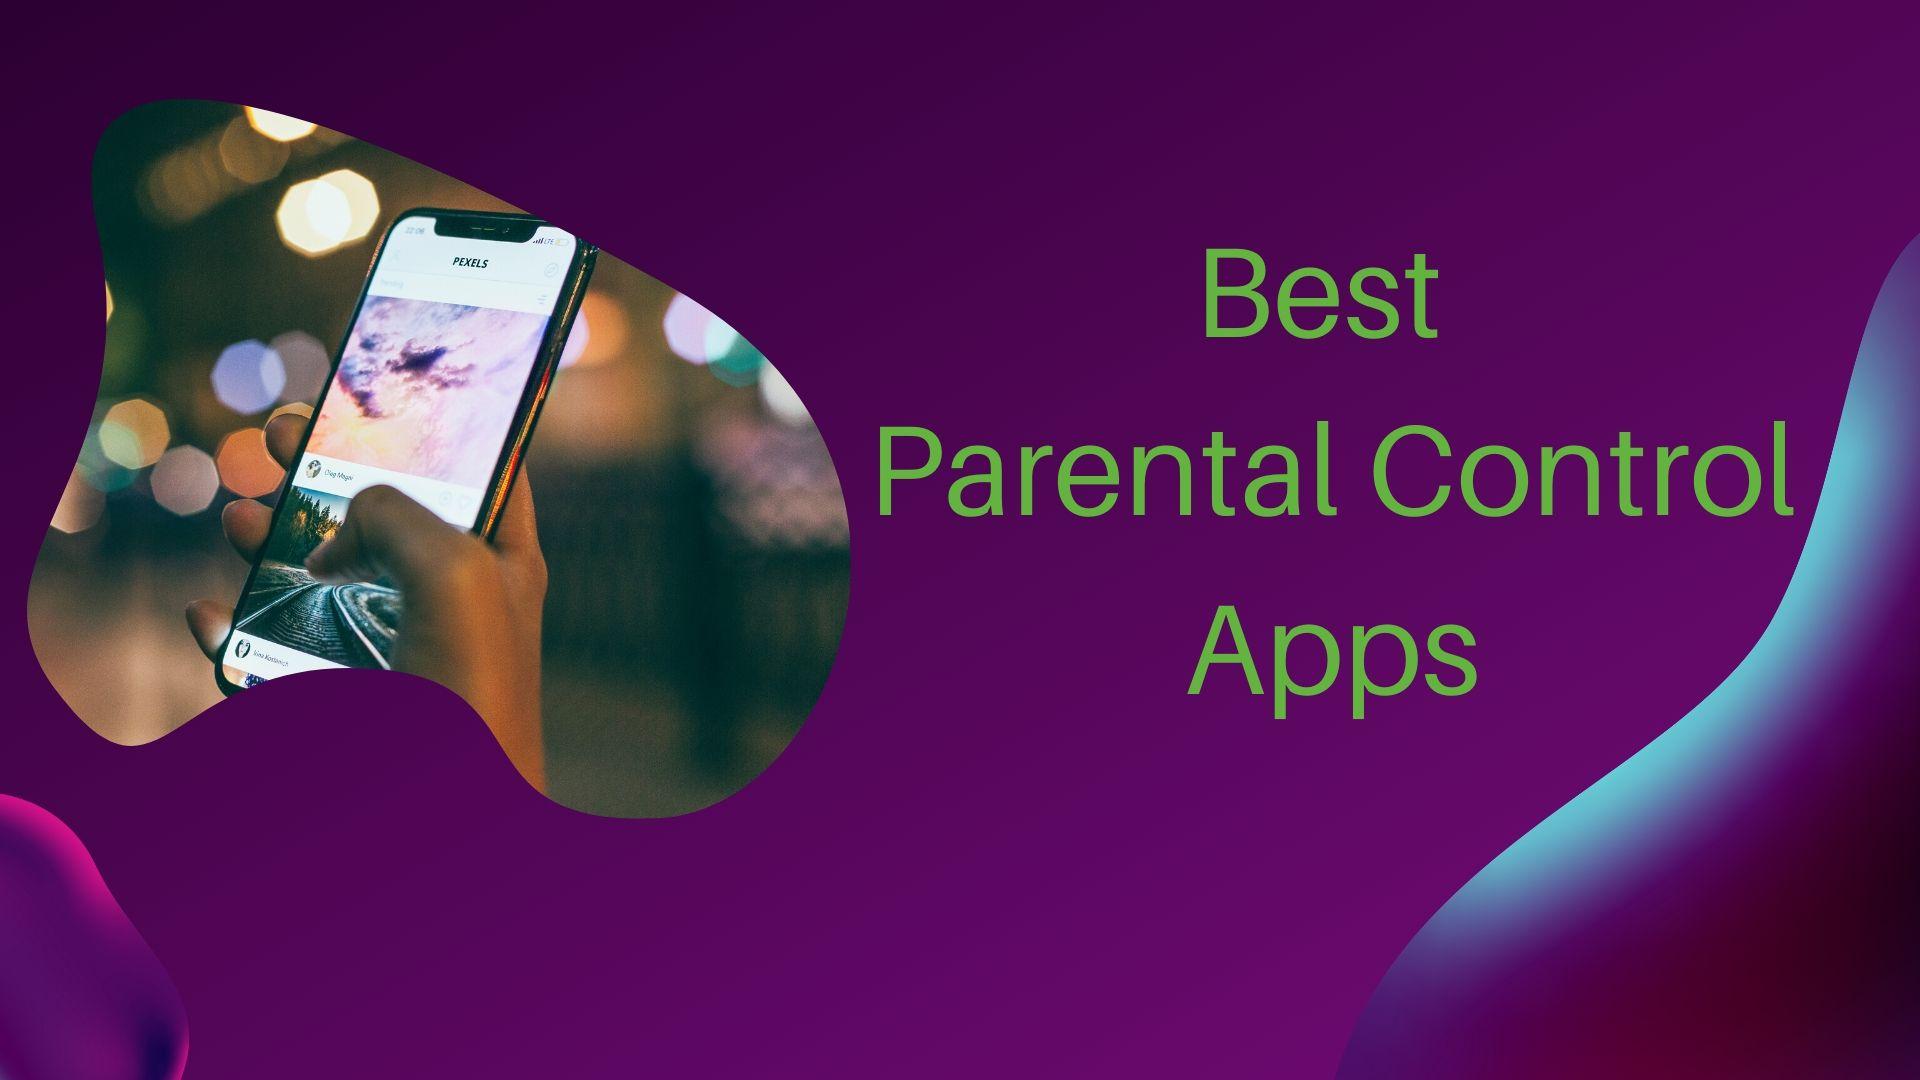 14 Best Parental Control Apps